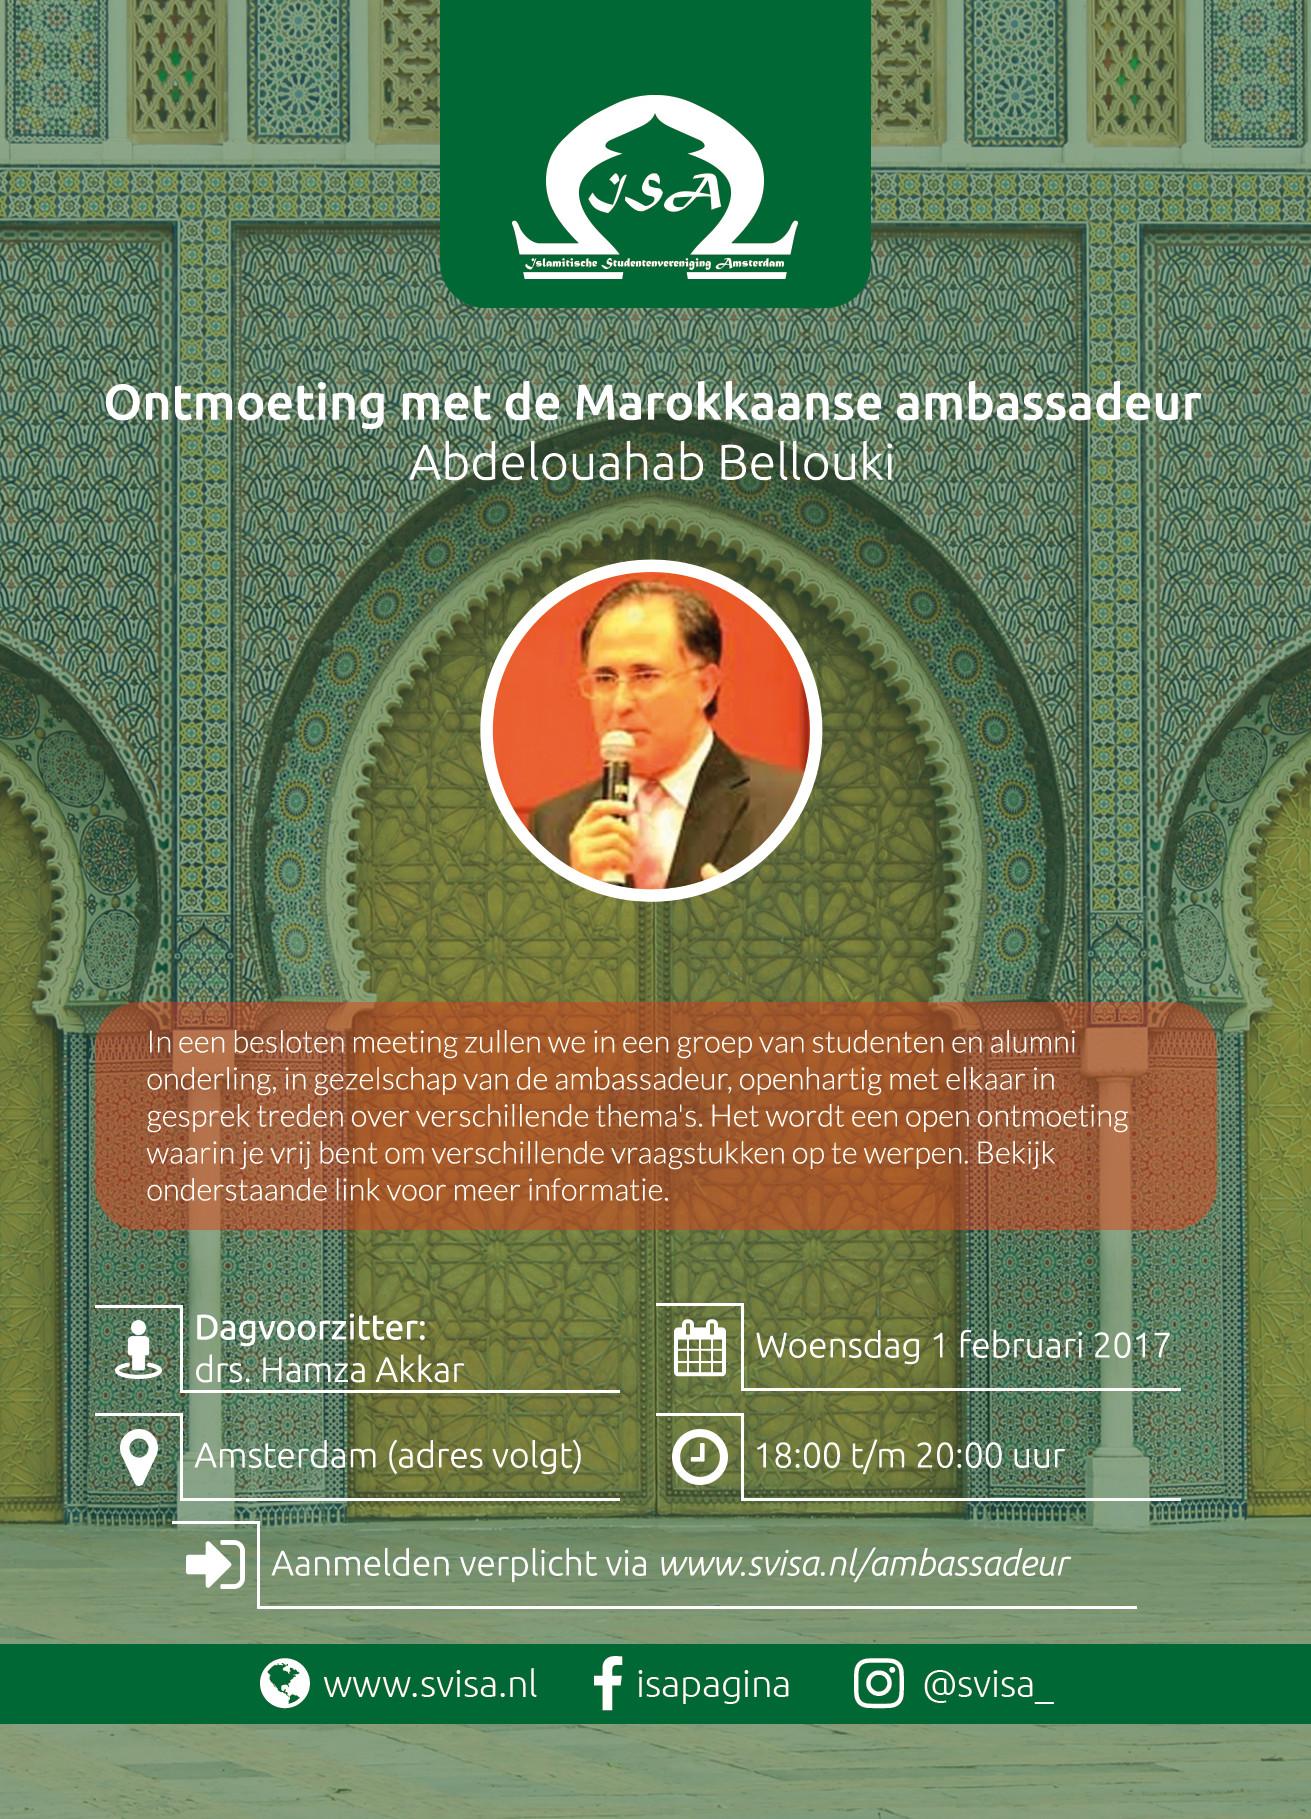 Ontmoeting met de Marokkaanse ambassadeur